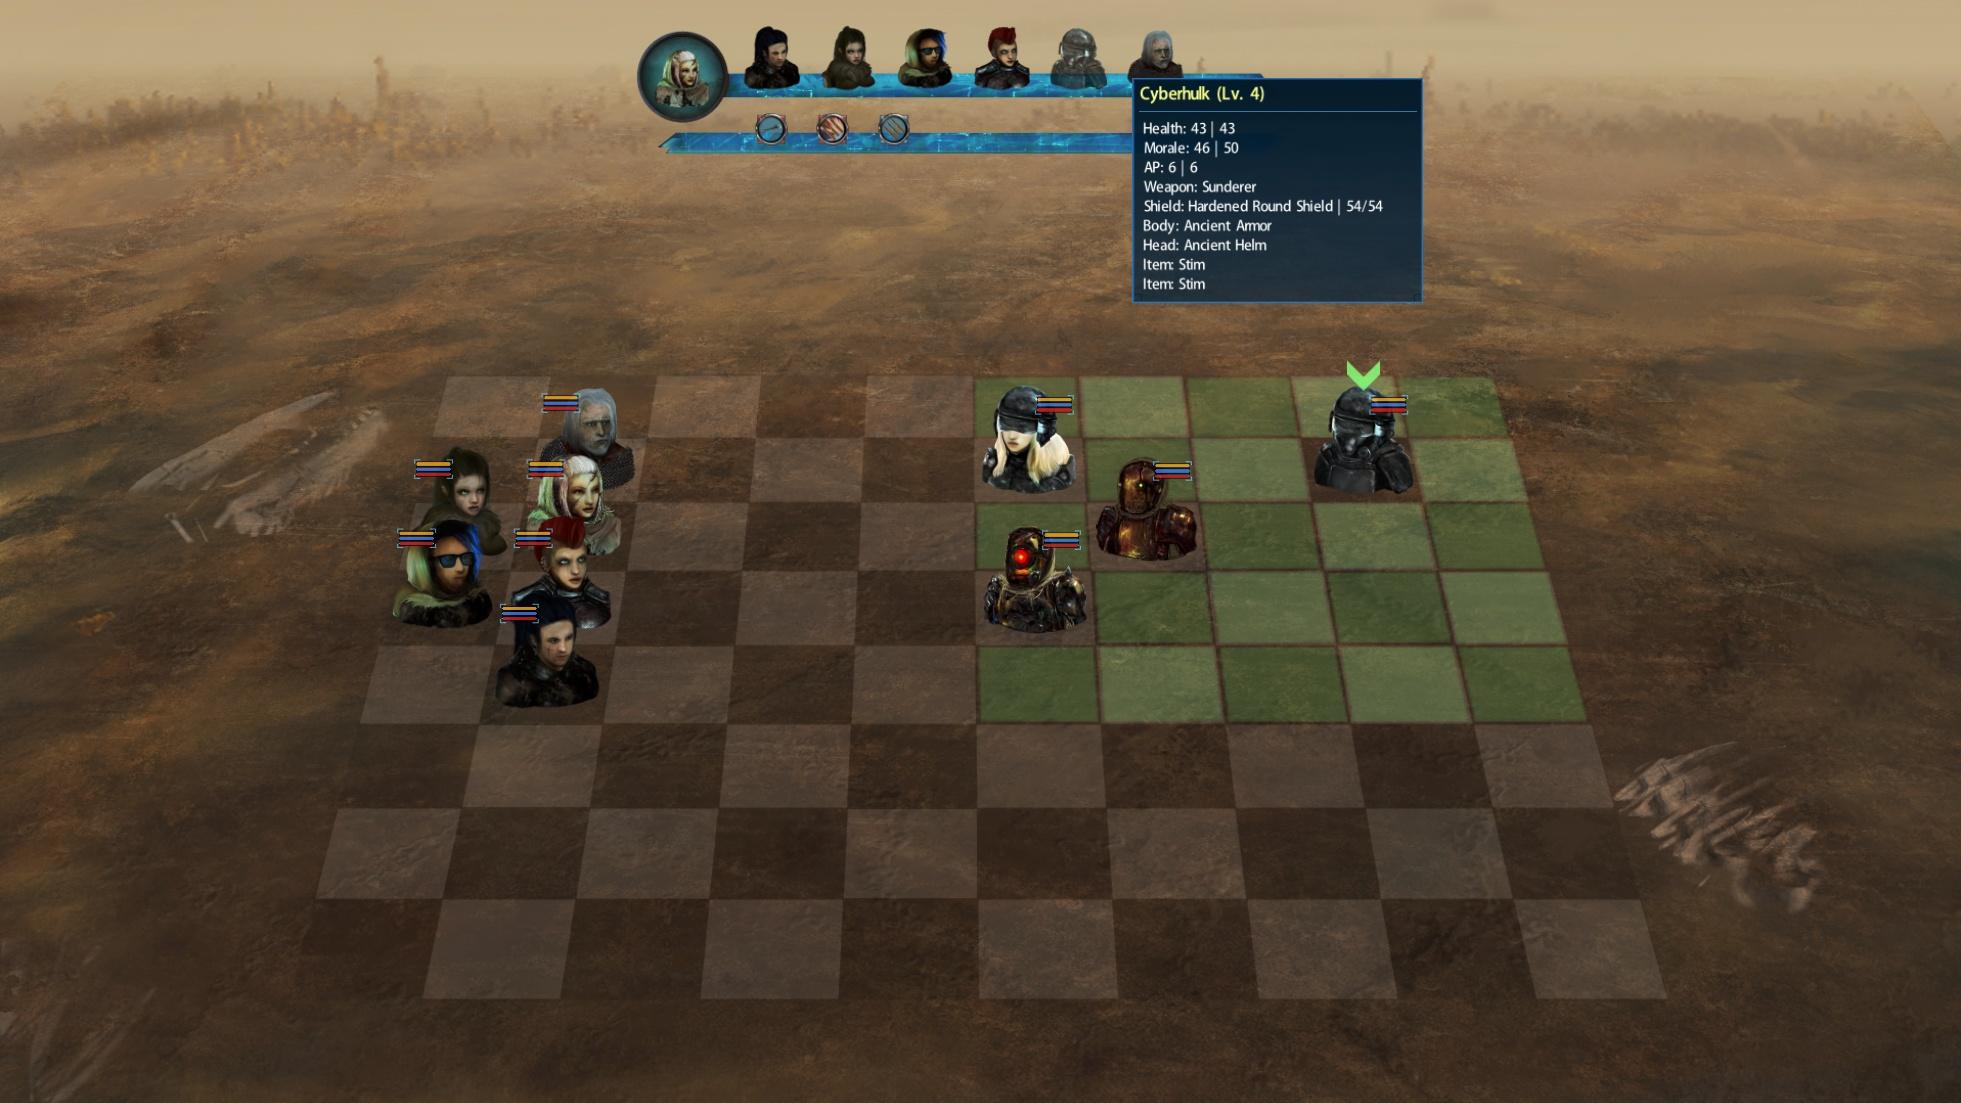 Chess in a post-apocalypse world | Halfgeek Devblog